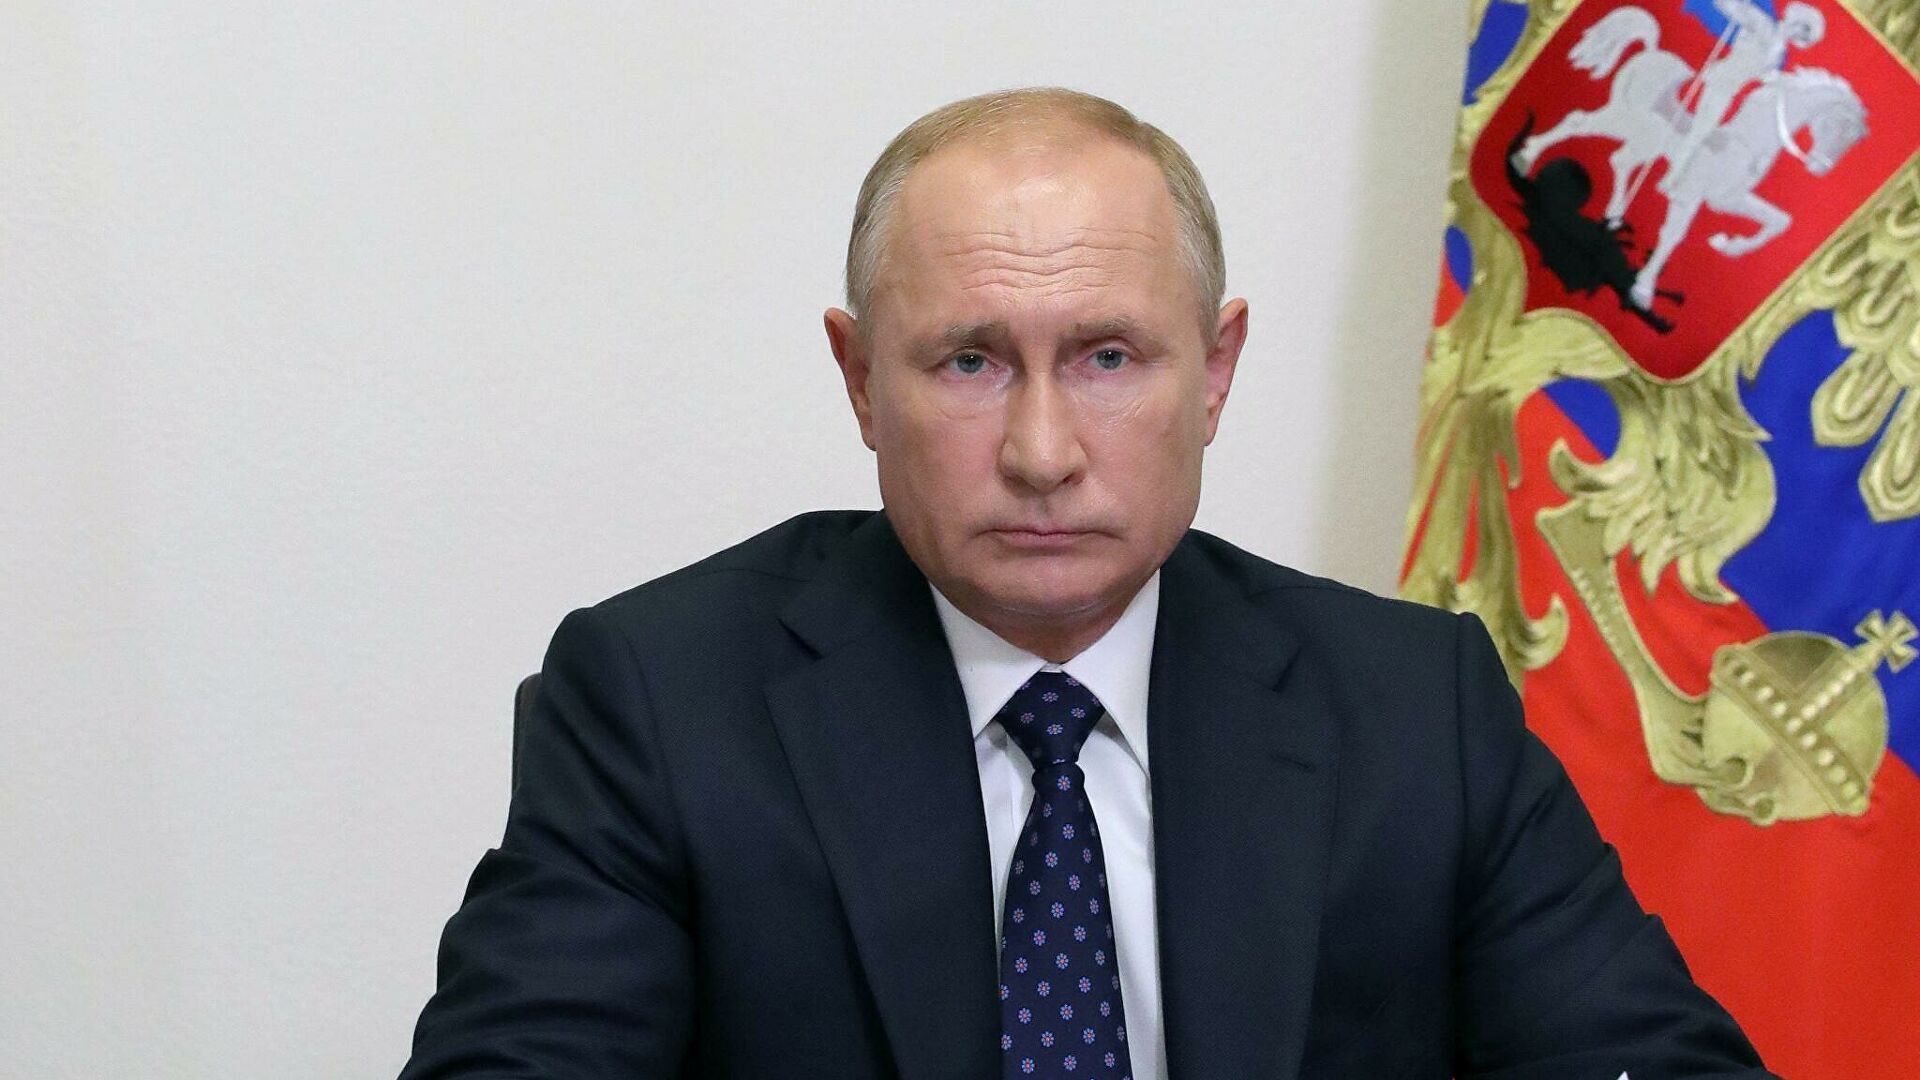 Na 75. zasedanju Generalne skupštine UN-a biće prikazano video-obraćanje predsednika Vladimira Putina